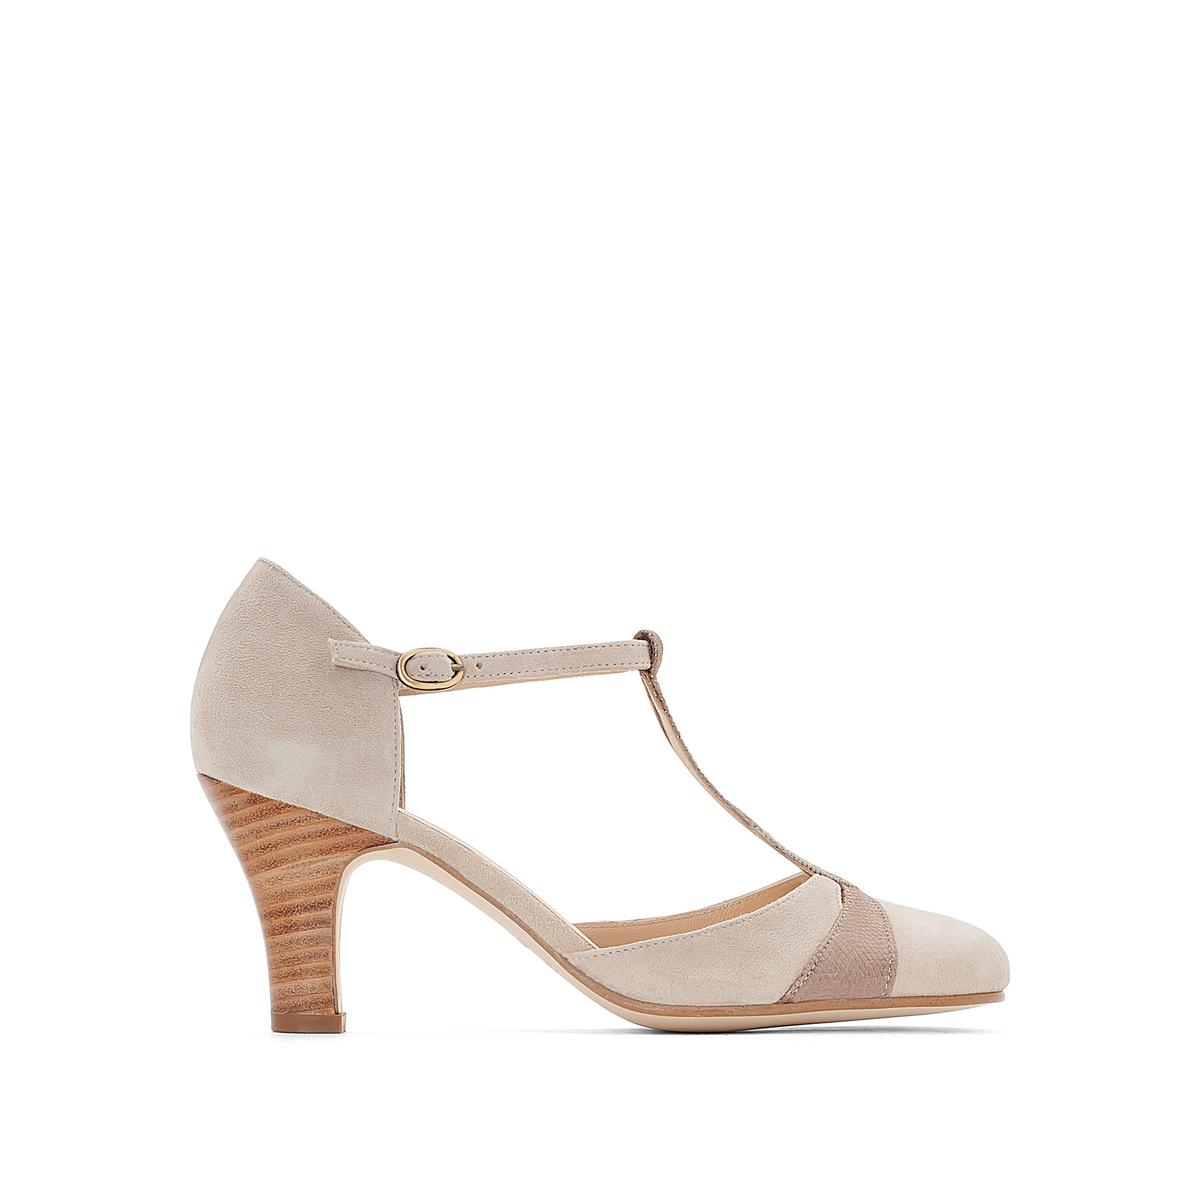 Туфли кожаные велюровые 11076Верх : Кожа.   Подкладка : Кожа.   Стелька : Кожа.   Подошва : эластомер   Высота каблука : 5 см   Форма каблука : тонкий каблук   Мысок : закругленный   Застежка : пряжка.<br><br>Цвет: серо-коричневый<br>Размер: 40.37